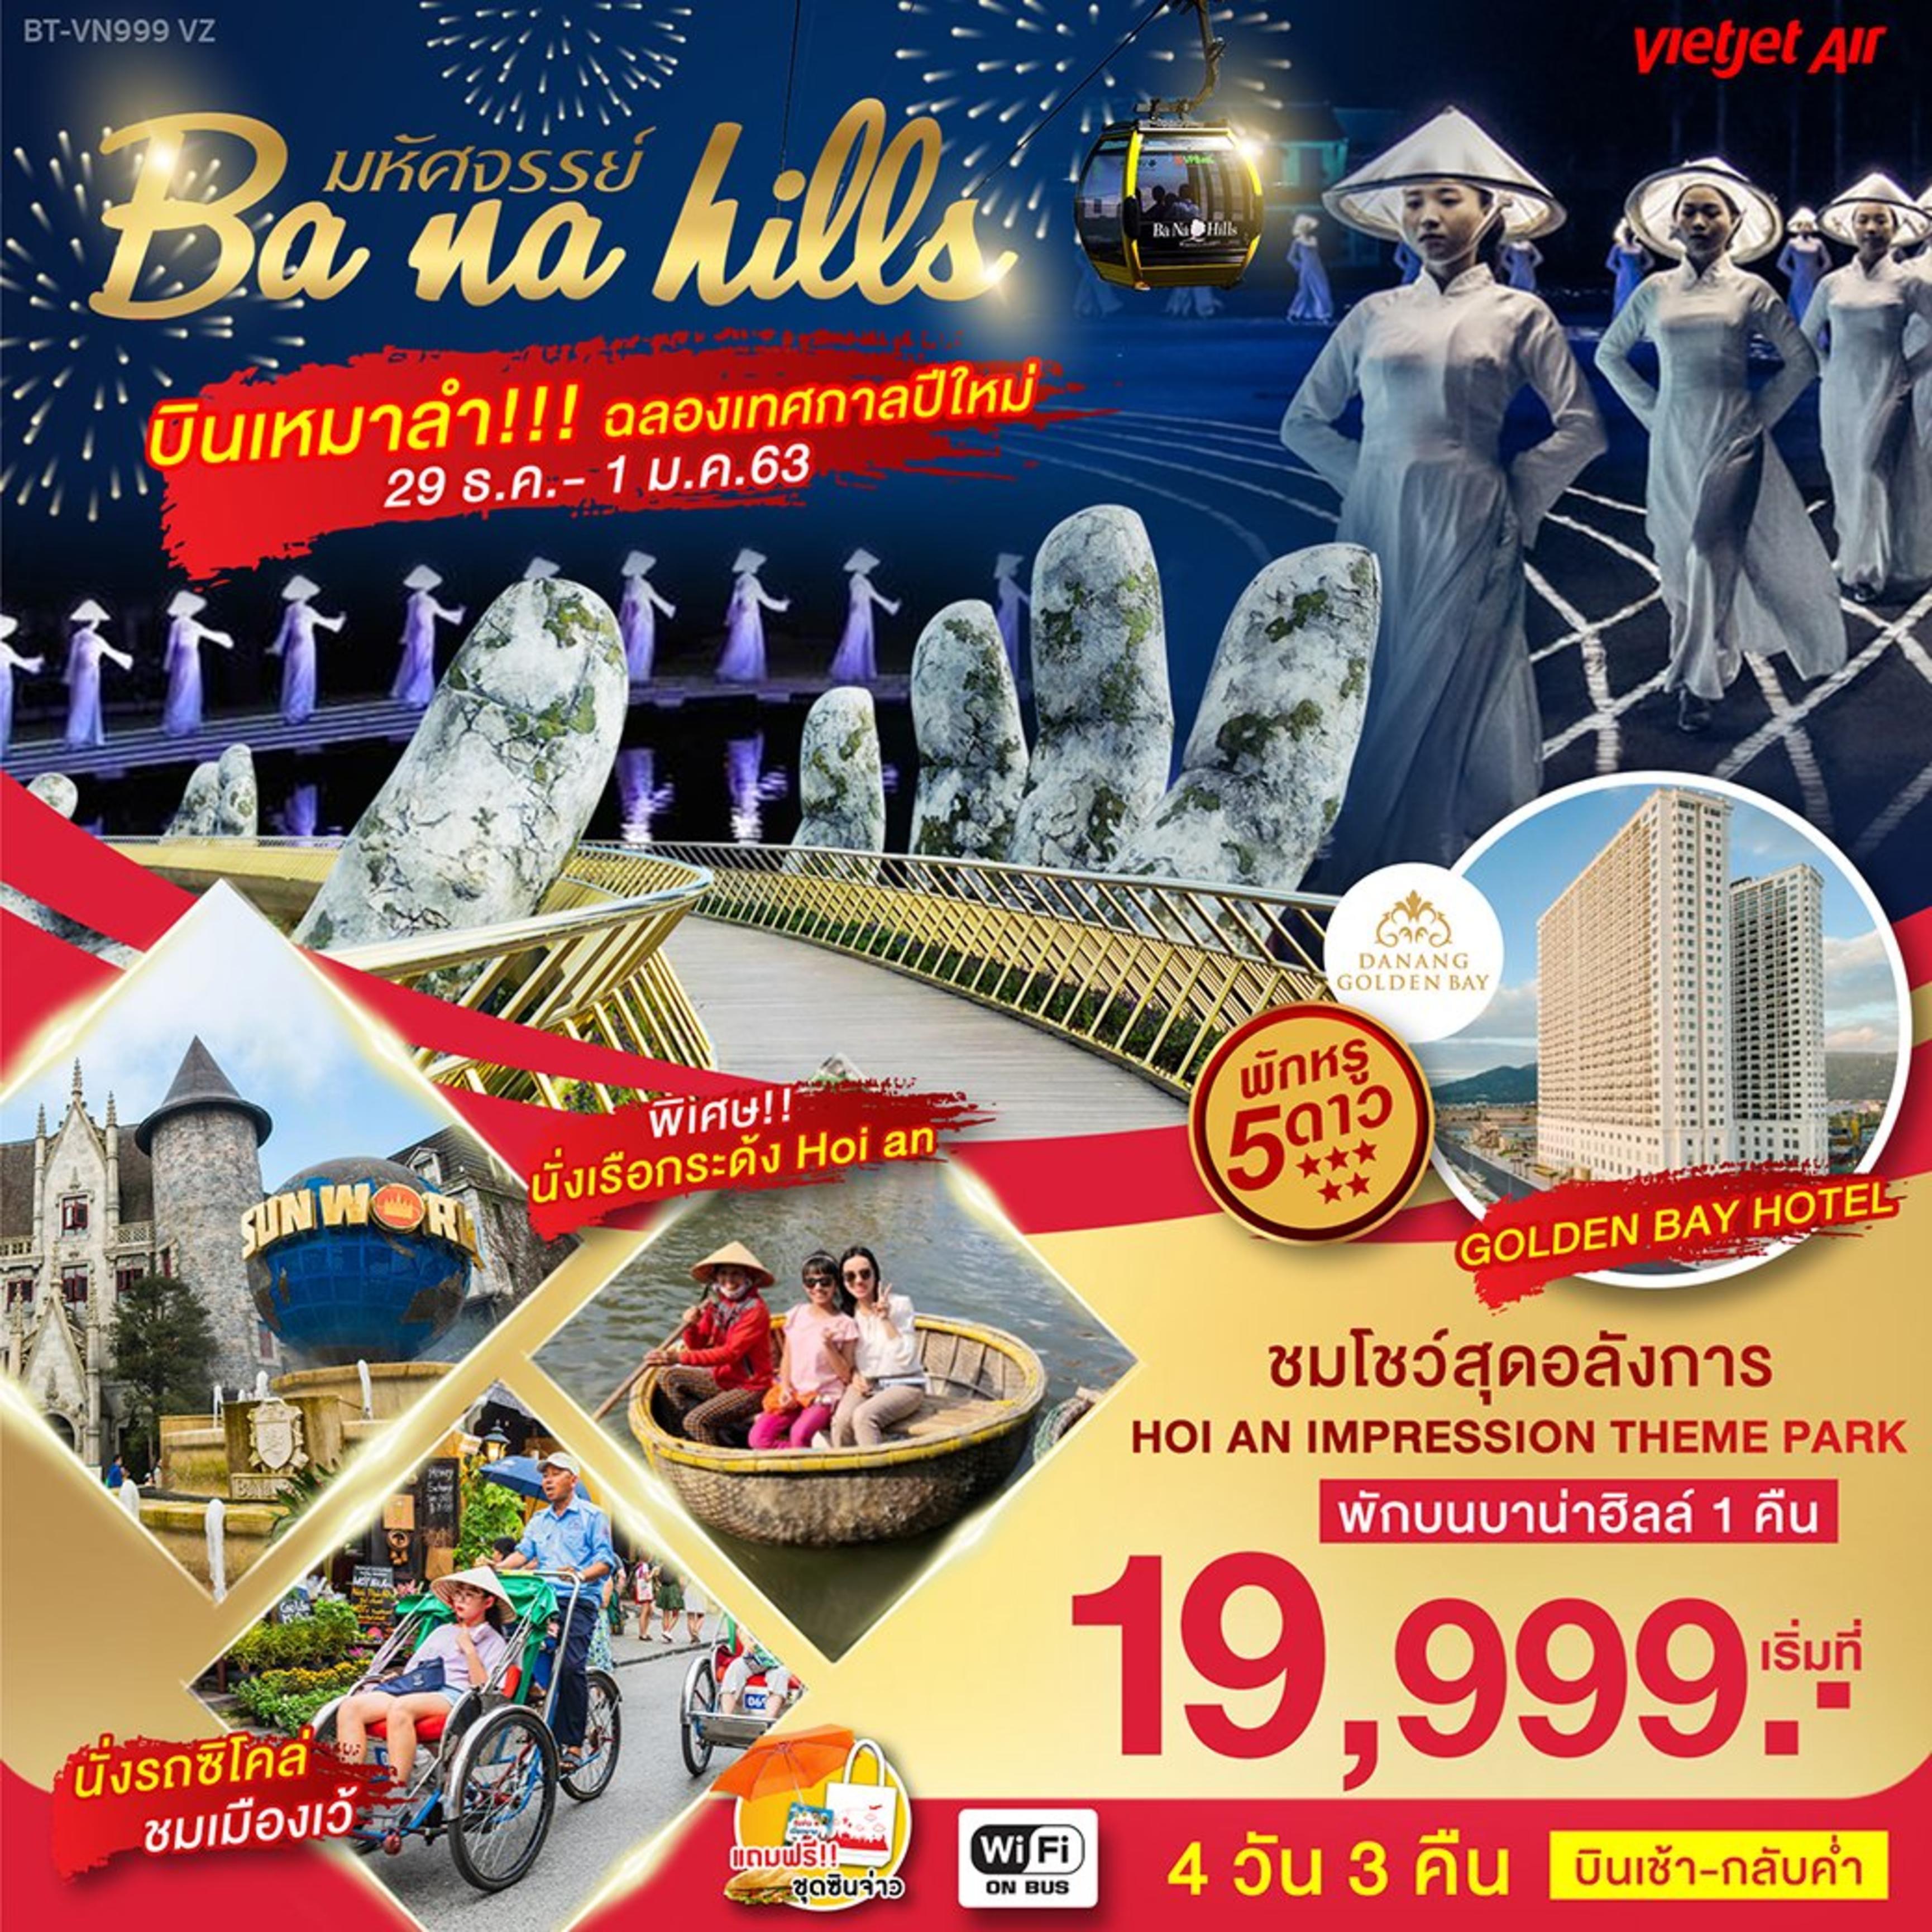 ทัวร์เวียดนาม เทศกาลปีใหม่